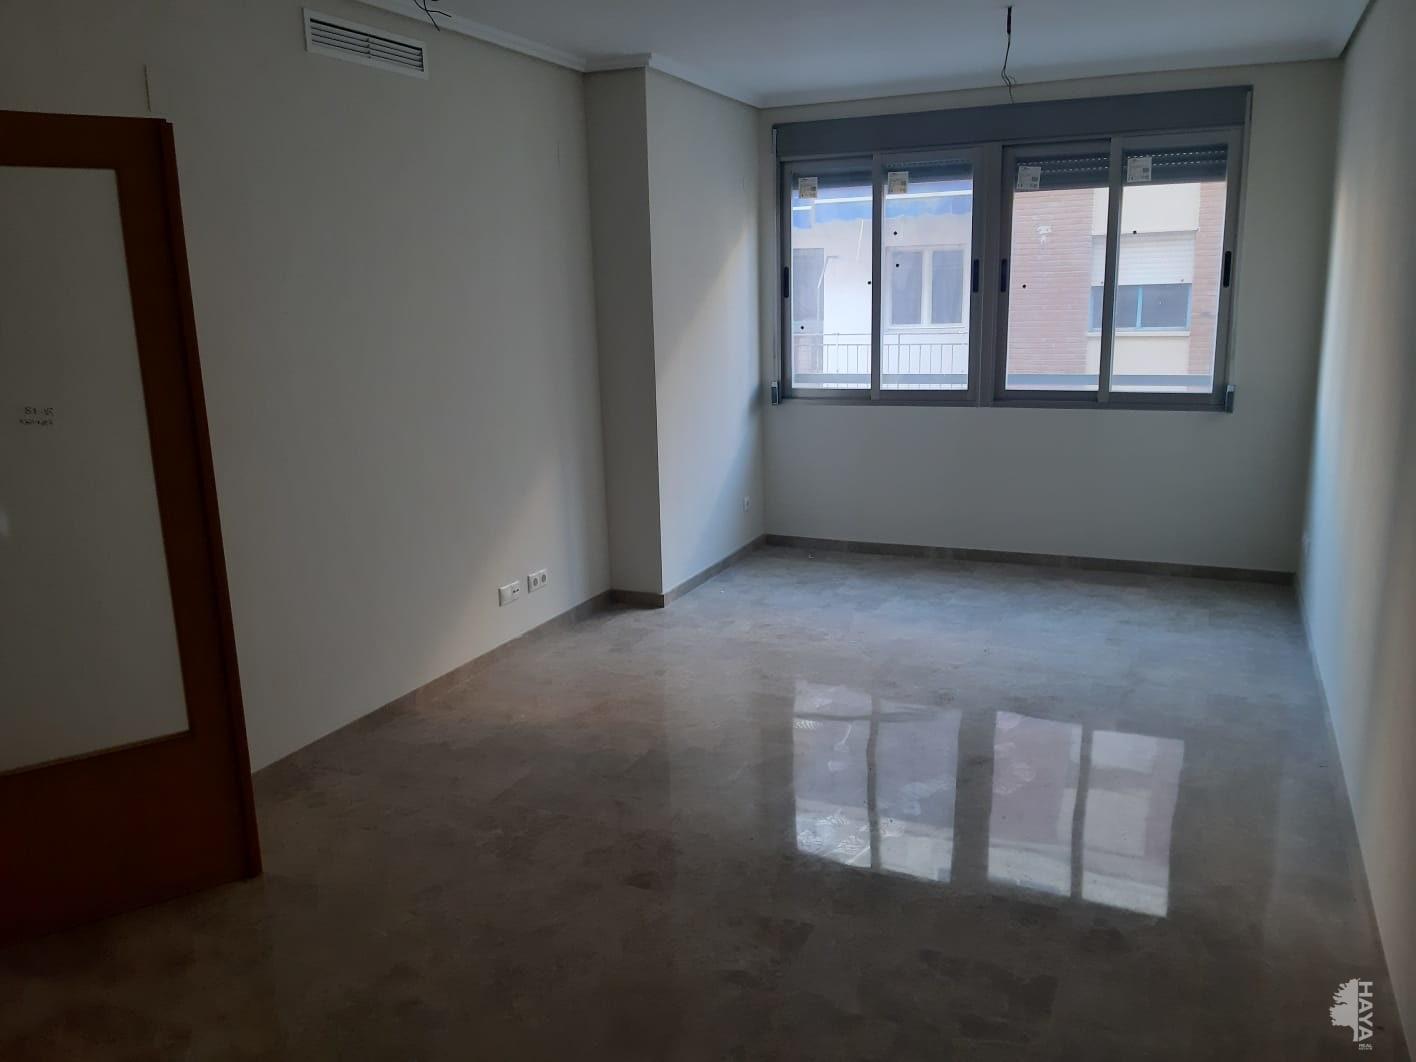 Flat in Carlet. Piso en venta en carlet (valencia) cl